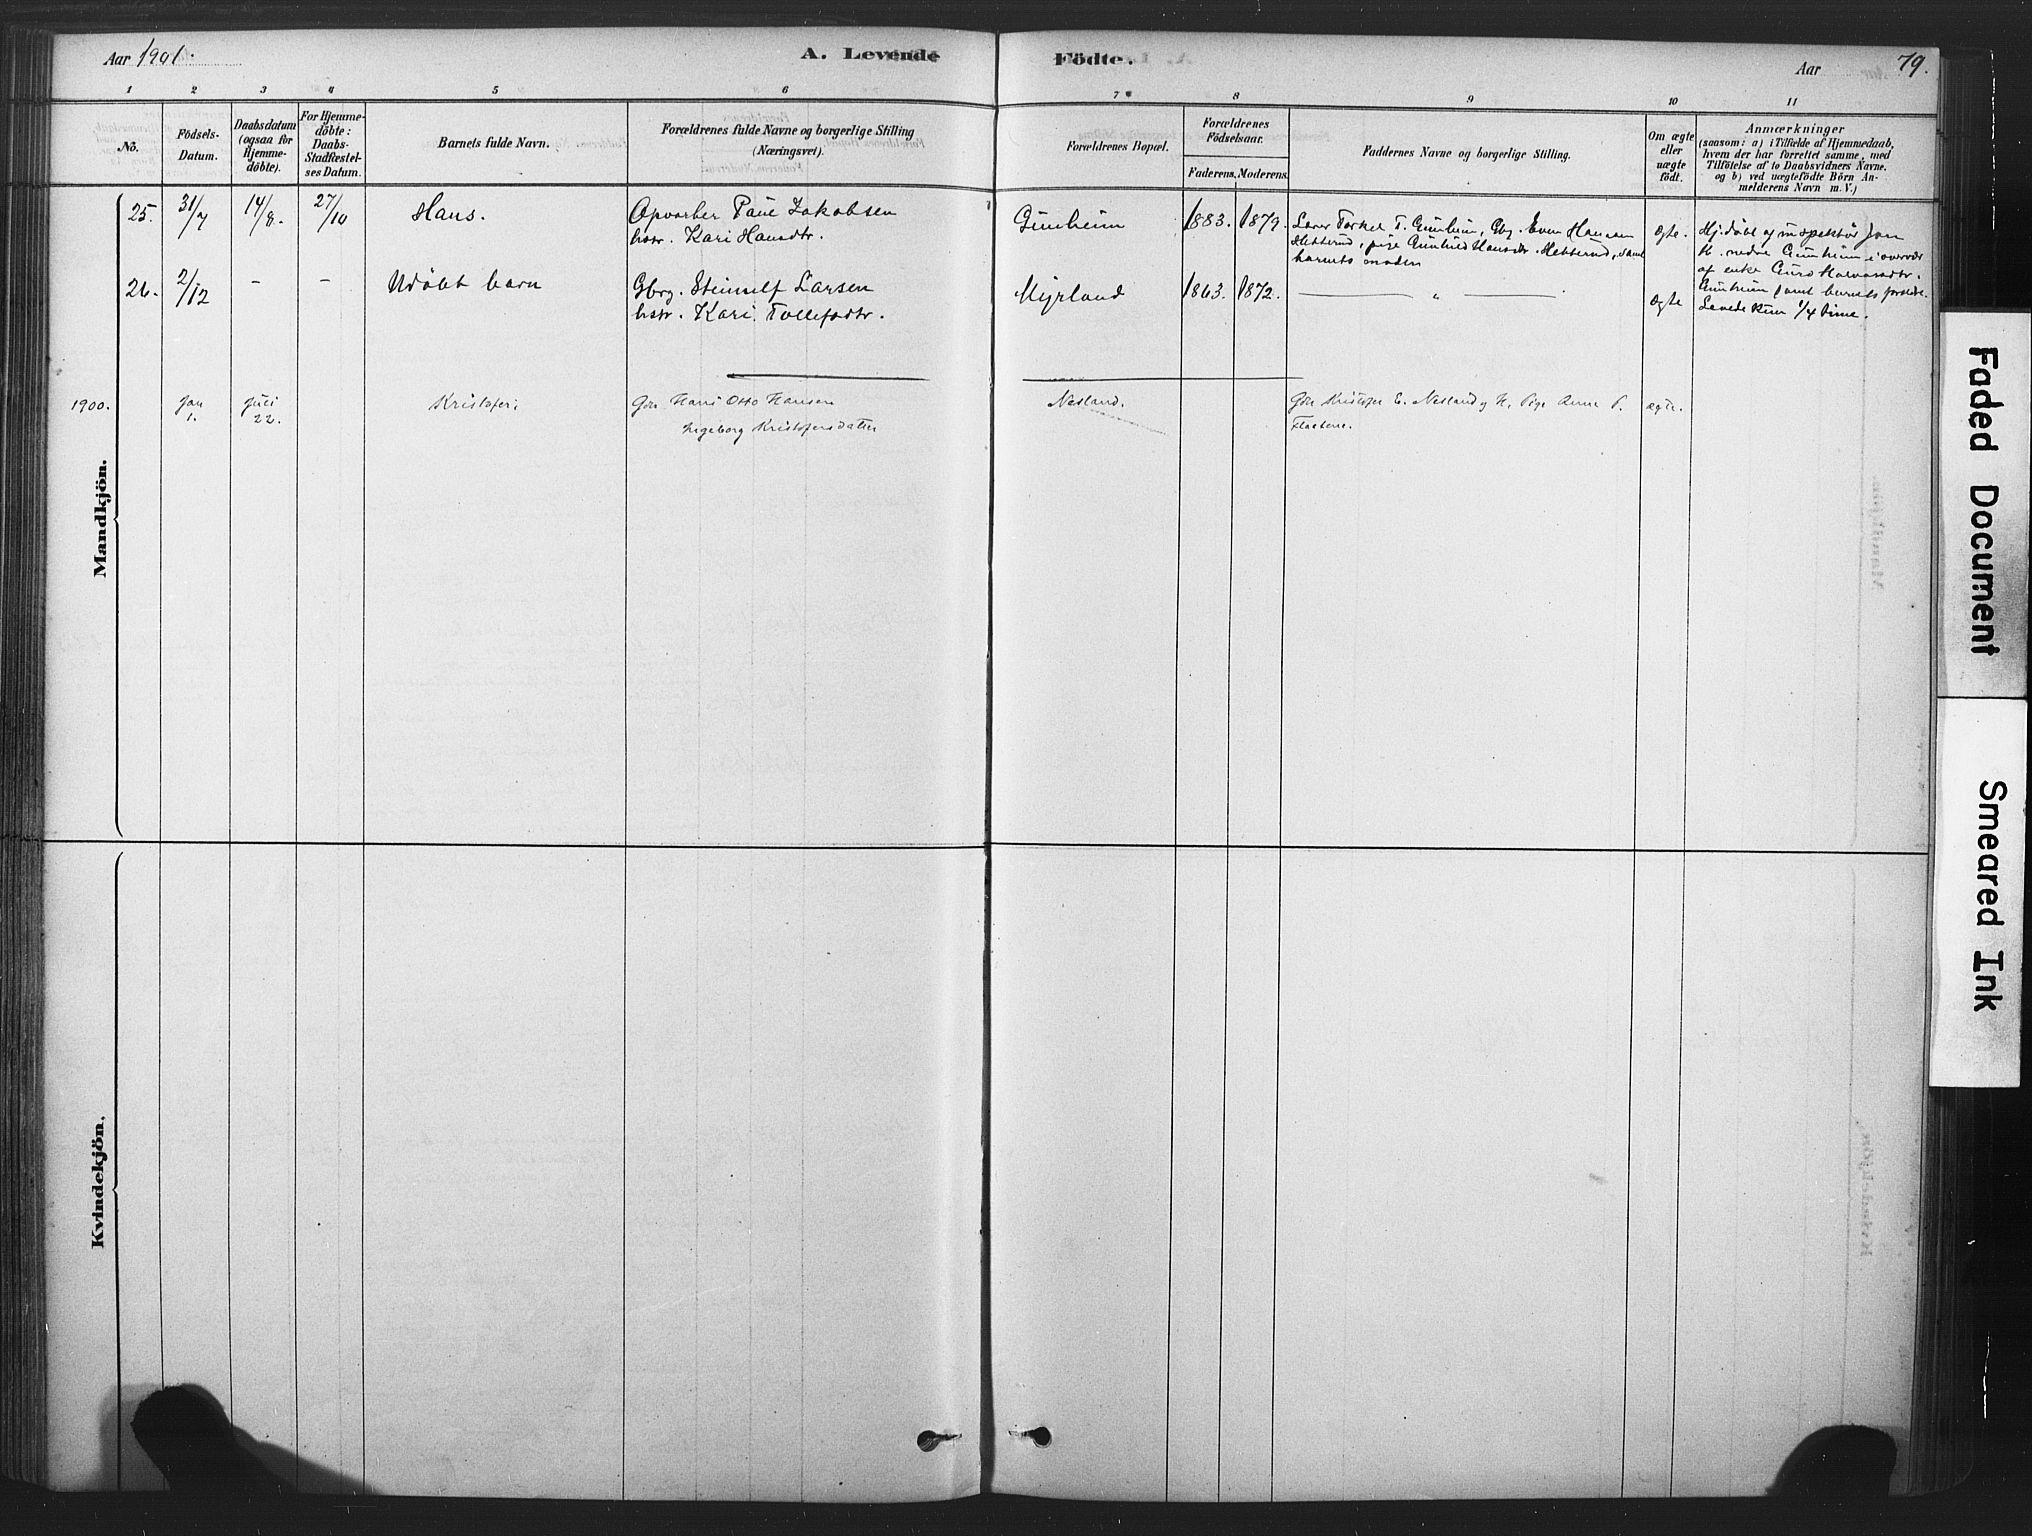 SAKO, Sauherad kirkebøker, F/Fb/L0002: Ministerialbok nr. II 2, 1878-1901, s. 79